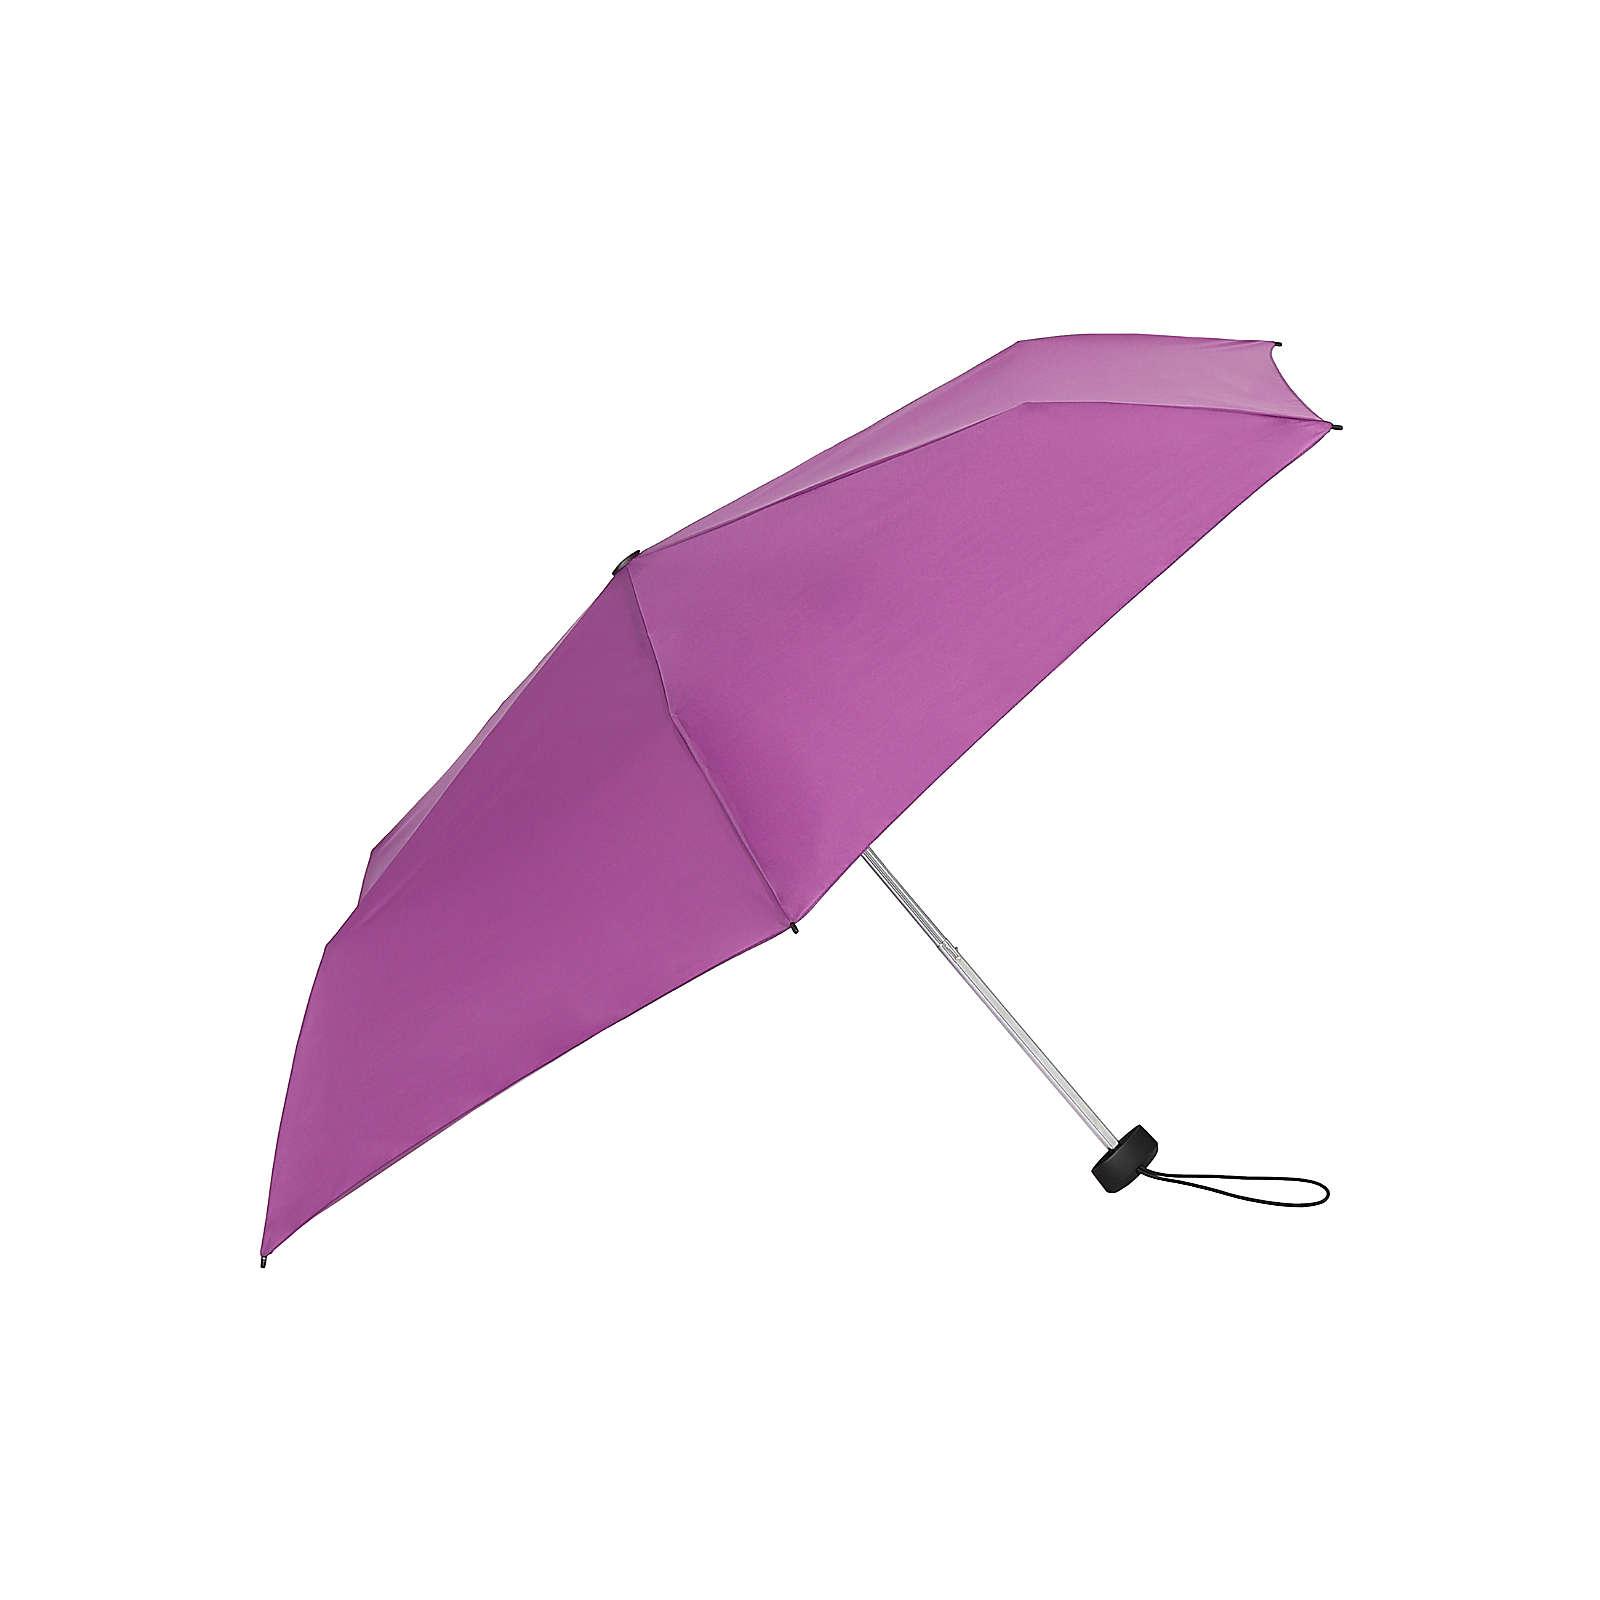 Knirps Regenschirm AS.050 Slim Small Manual Regenschirme violett Herren Gr. one size